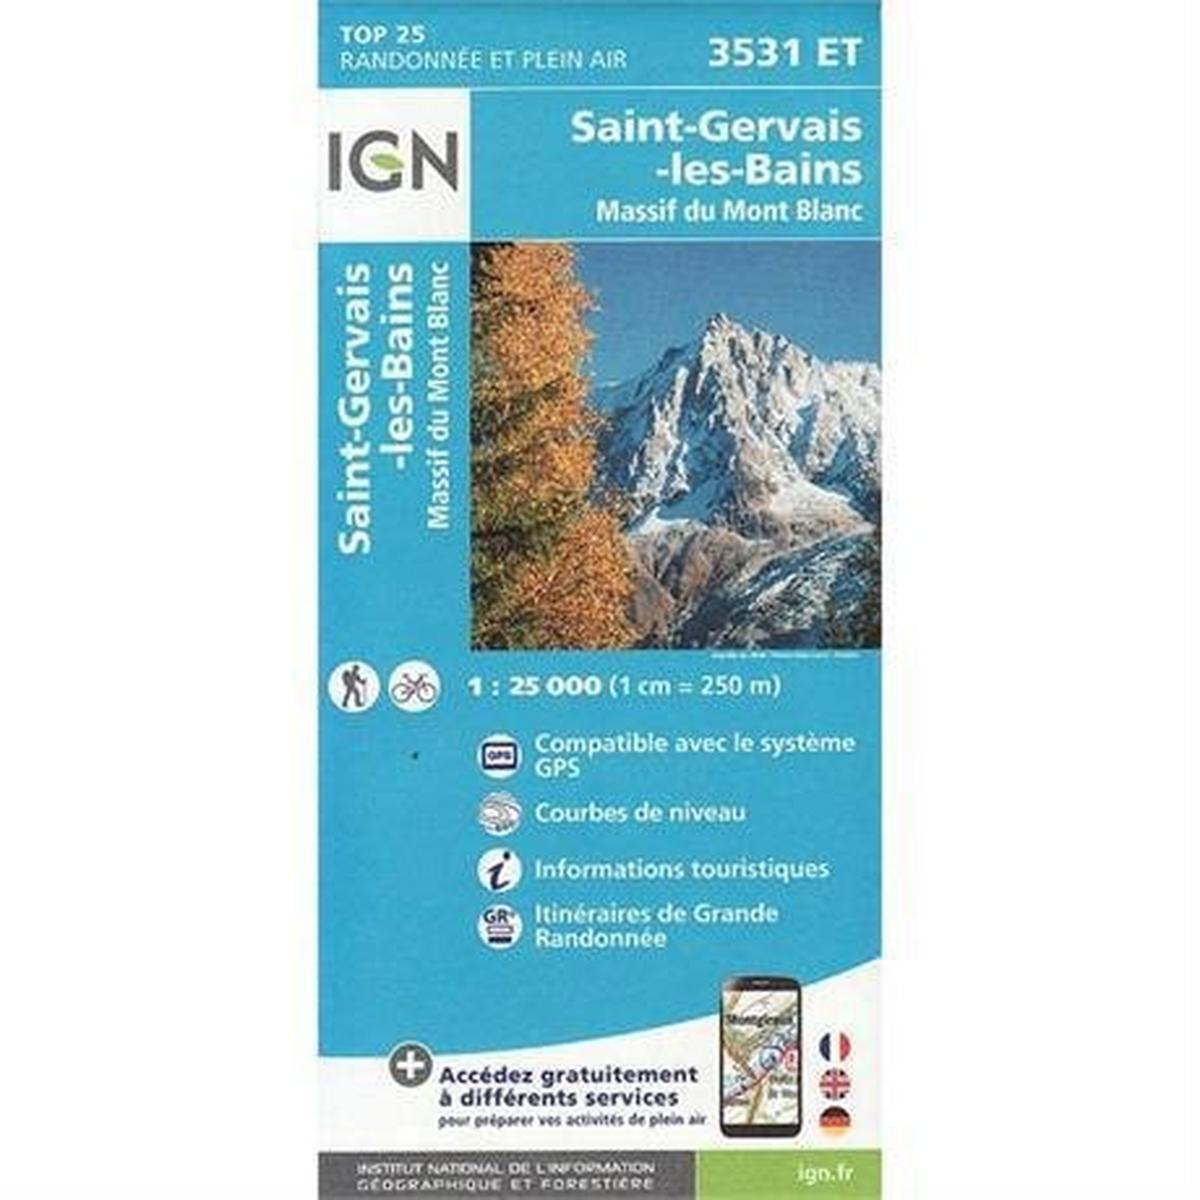 Ign Maps France IGN Map: St-Gervais-Les-Bains - Massif du Mont Blanc 3531 ET